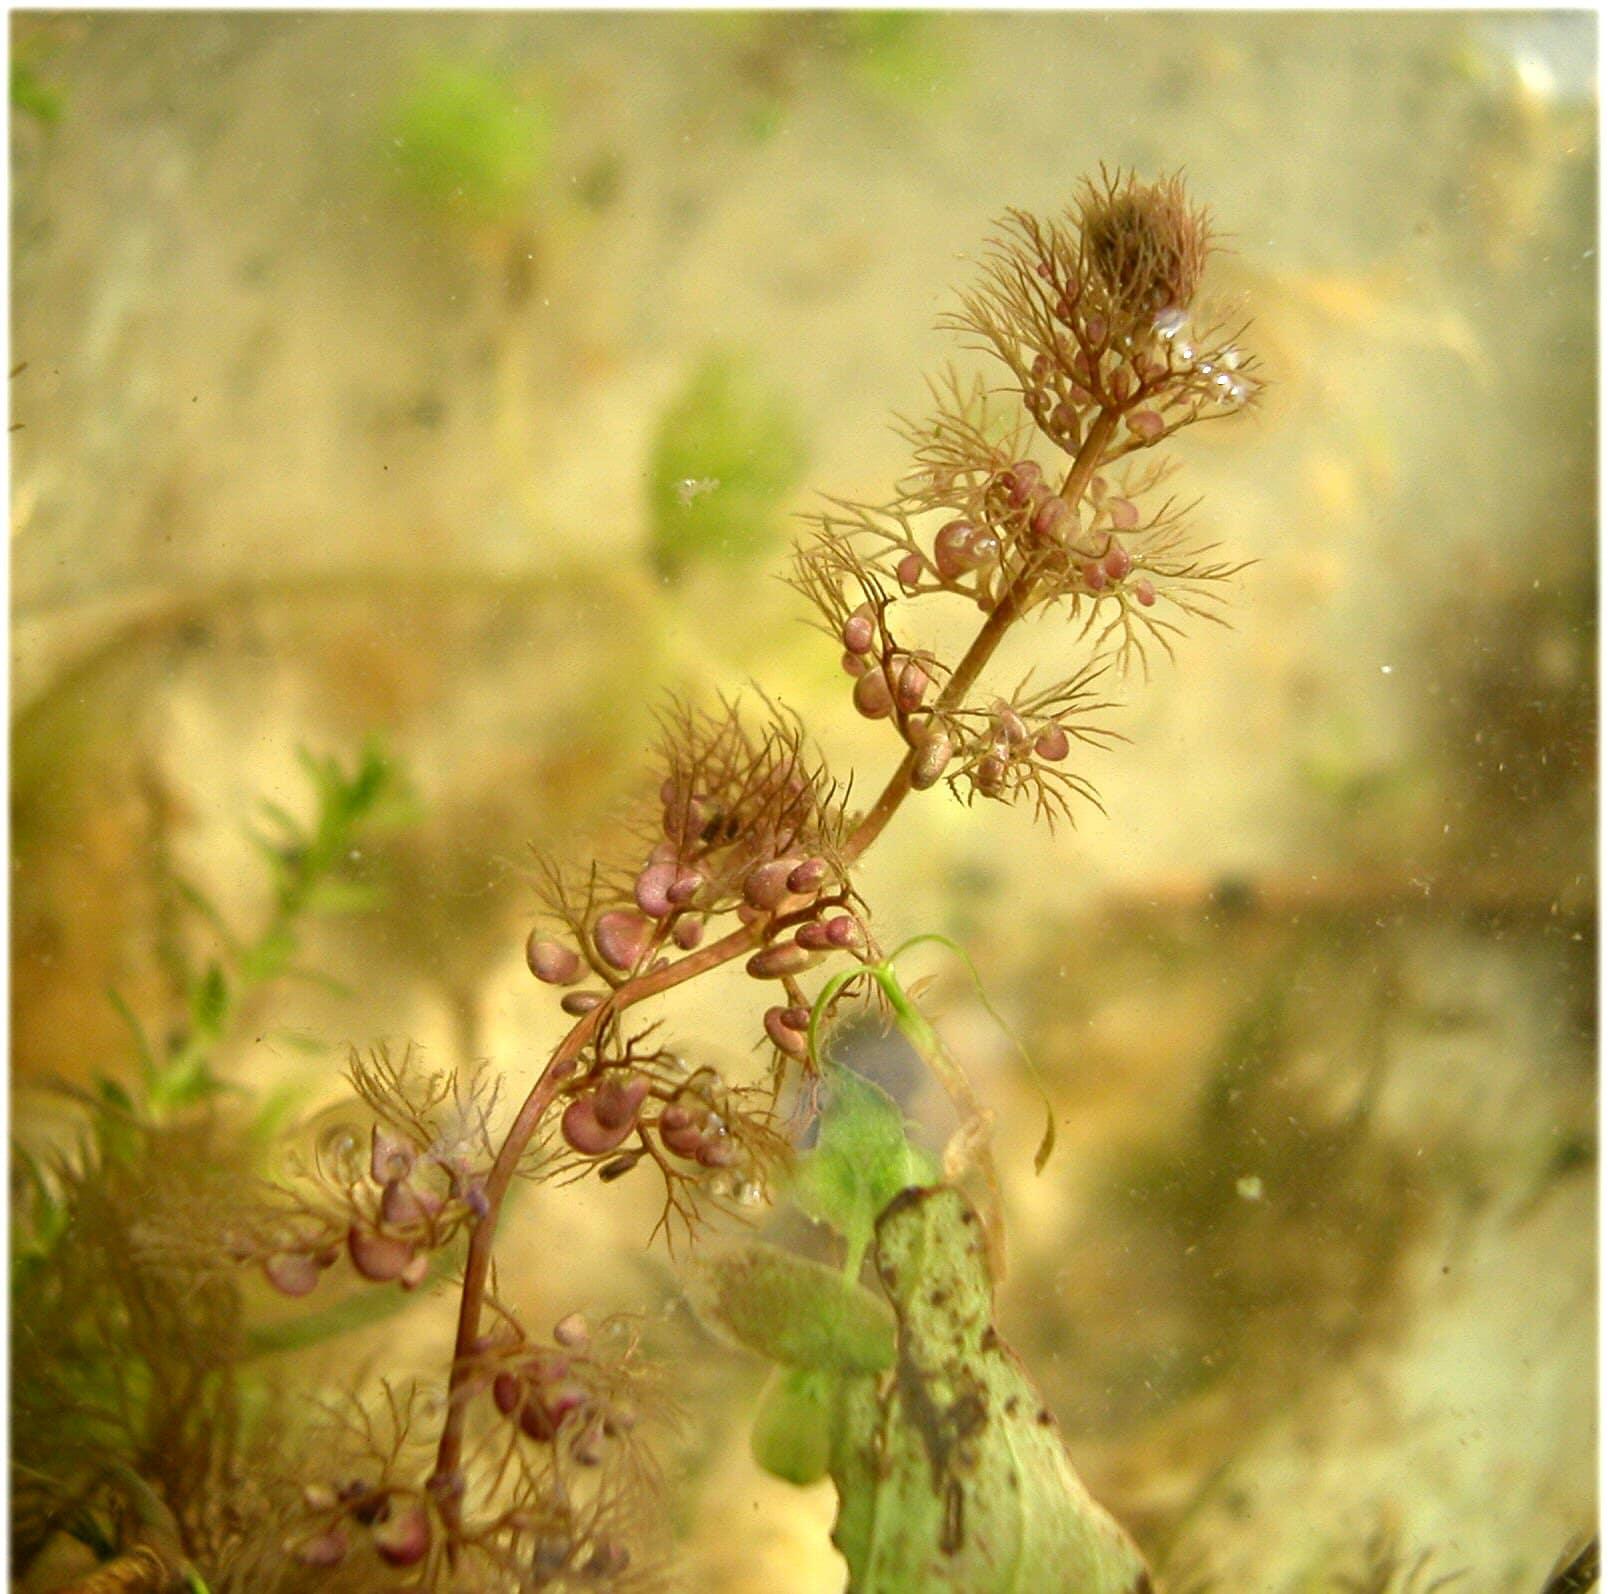 La Utricularia australis tiene trampas en forma de vesícula